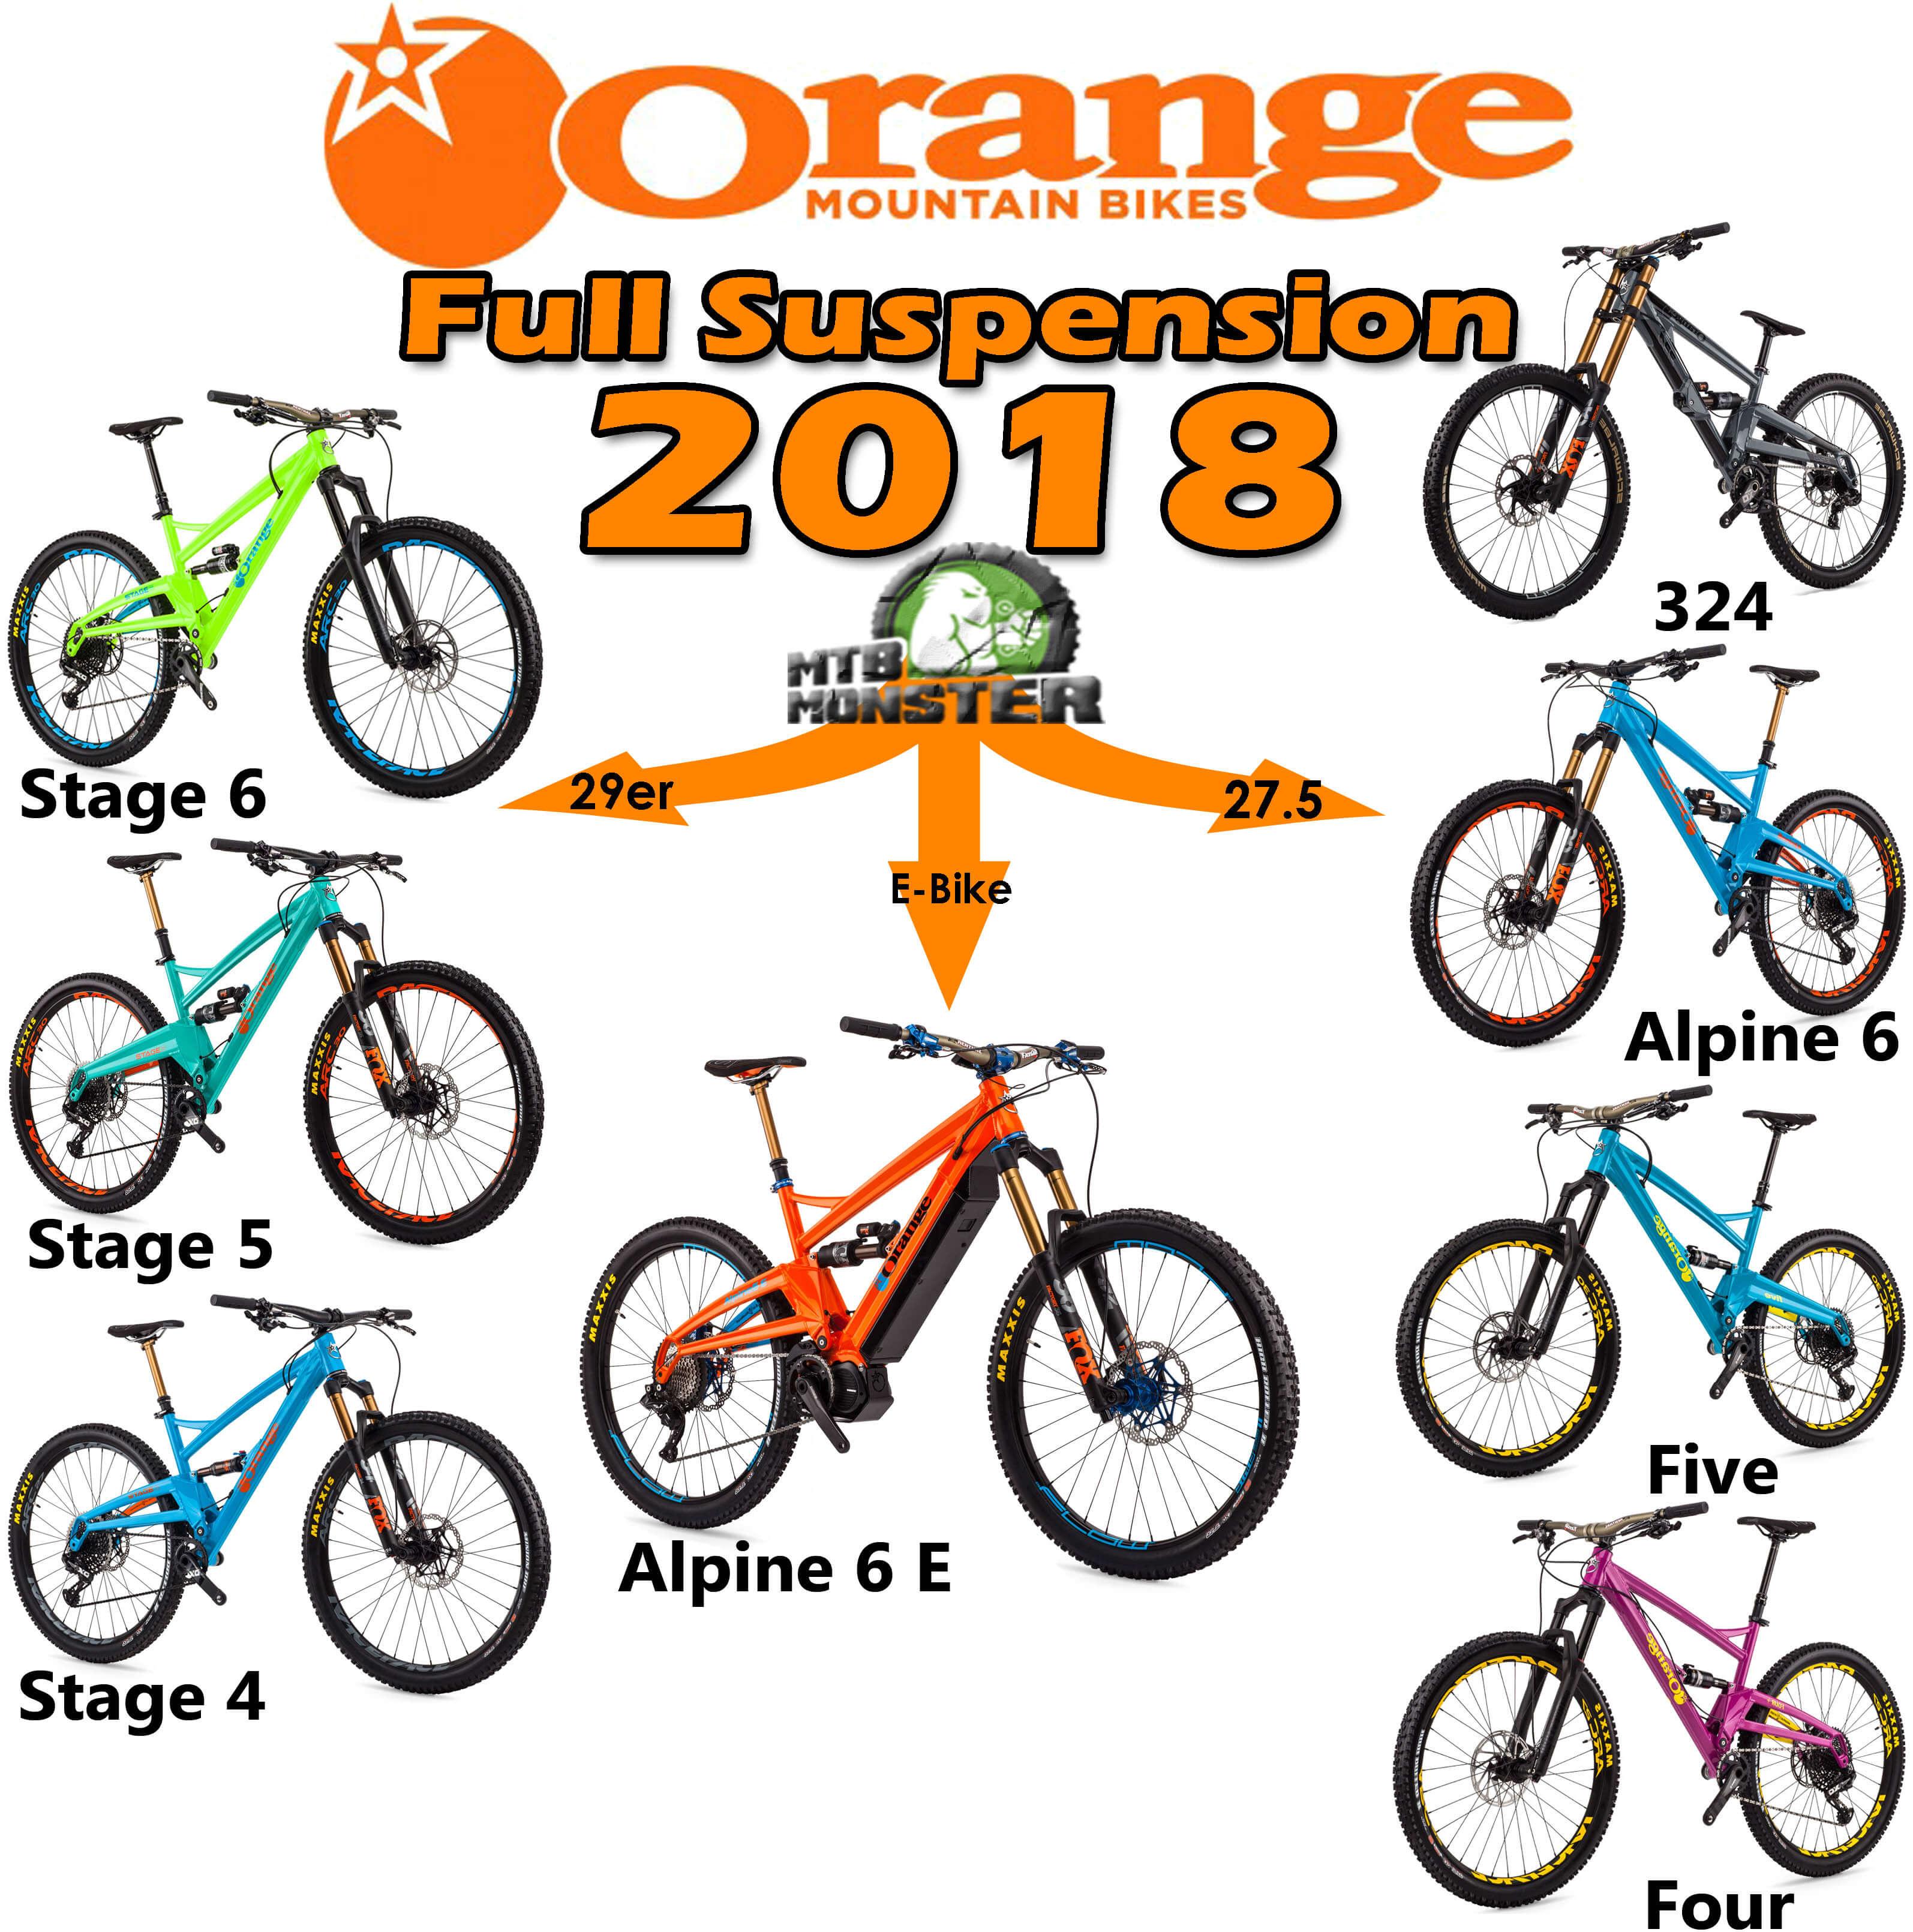 2018-full-sus-orange-bikes-range-and-information-and-guide-uk-dealer-mtb-monster-1.jpg